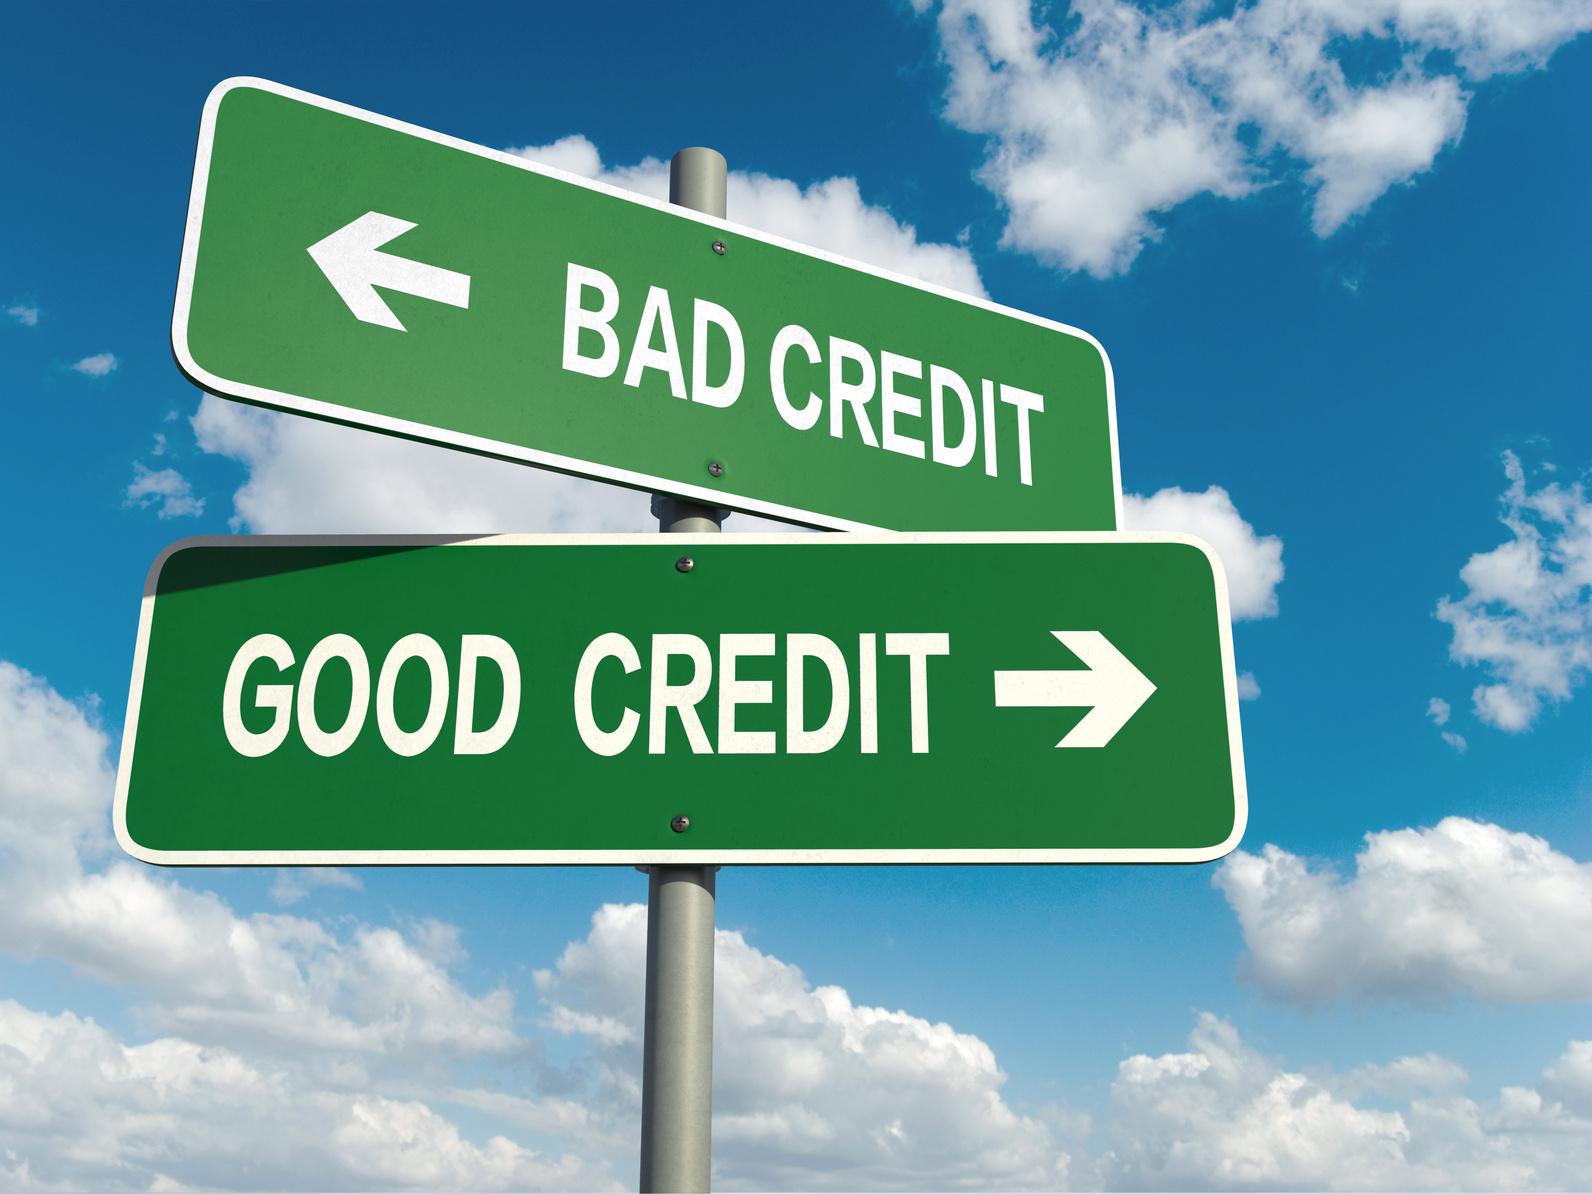 Tu ştiai asta despre credite? Descoperă latura nevăzută a procesului de creditare